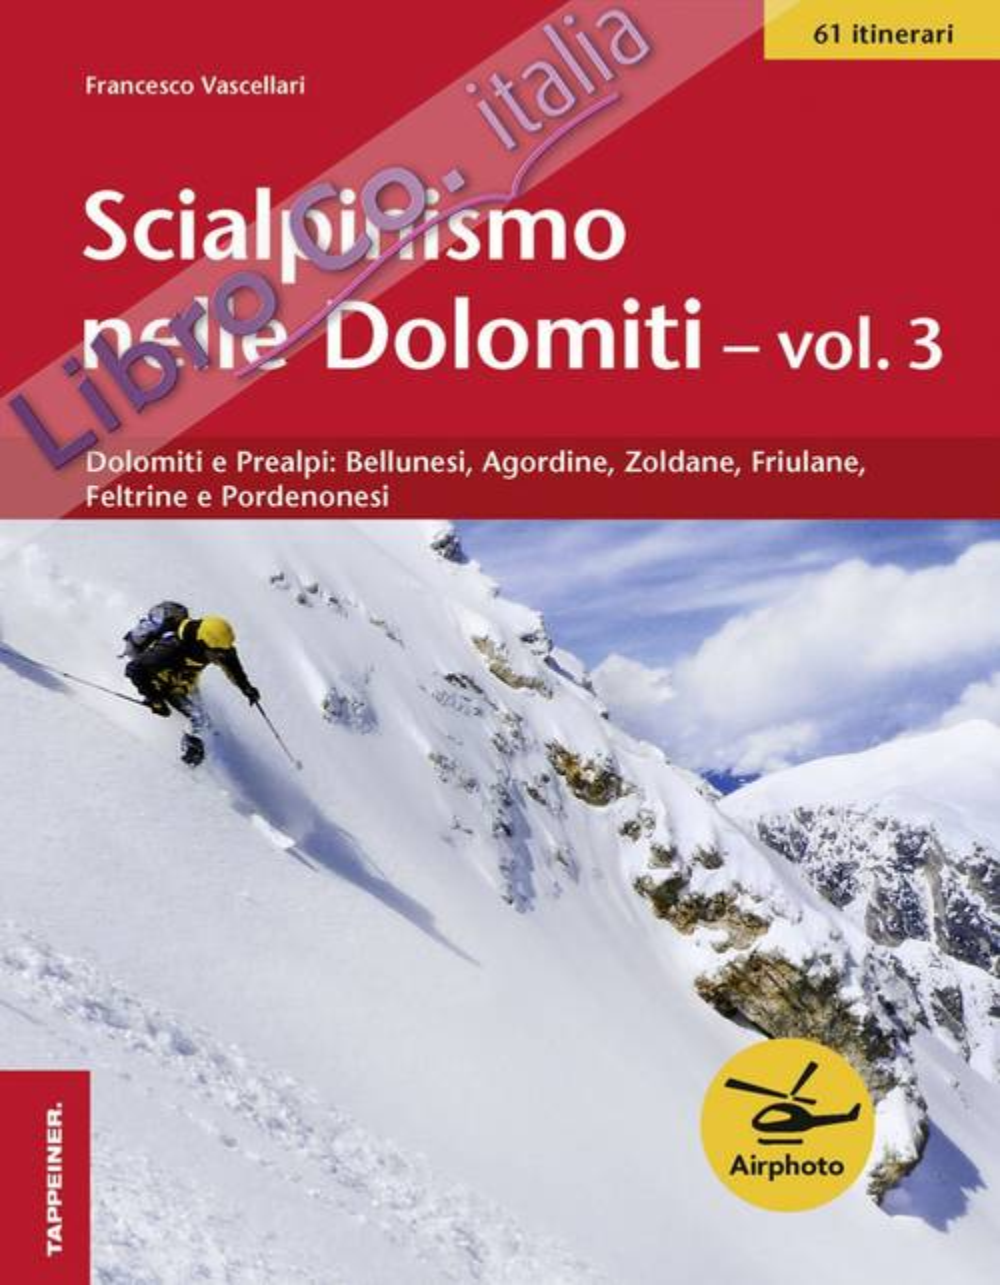 Scialpinismo nelle Dolomiti. Vol. 3: Dolomiti e prealpi: bellunesi, agordine, zoldane, friulane, feltrine e pordenonesi